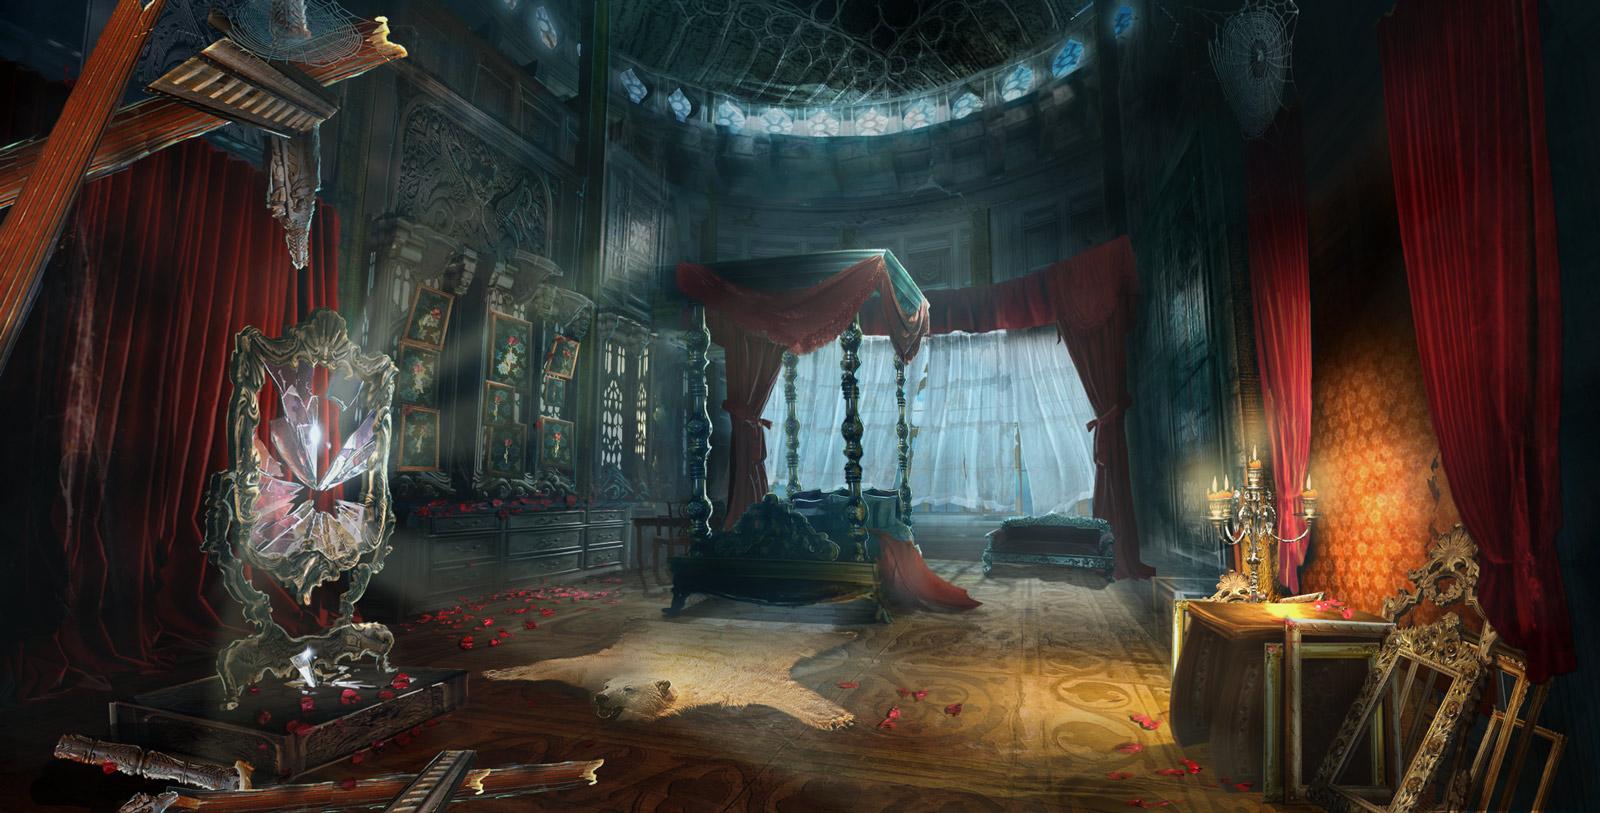 Beast bedroom by WolfeWOLF